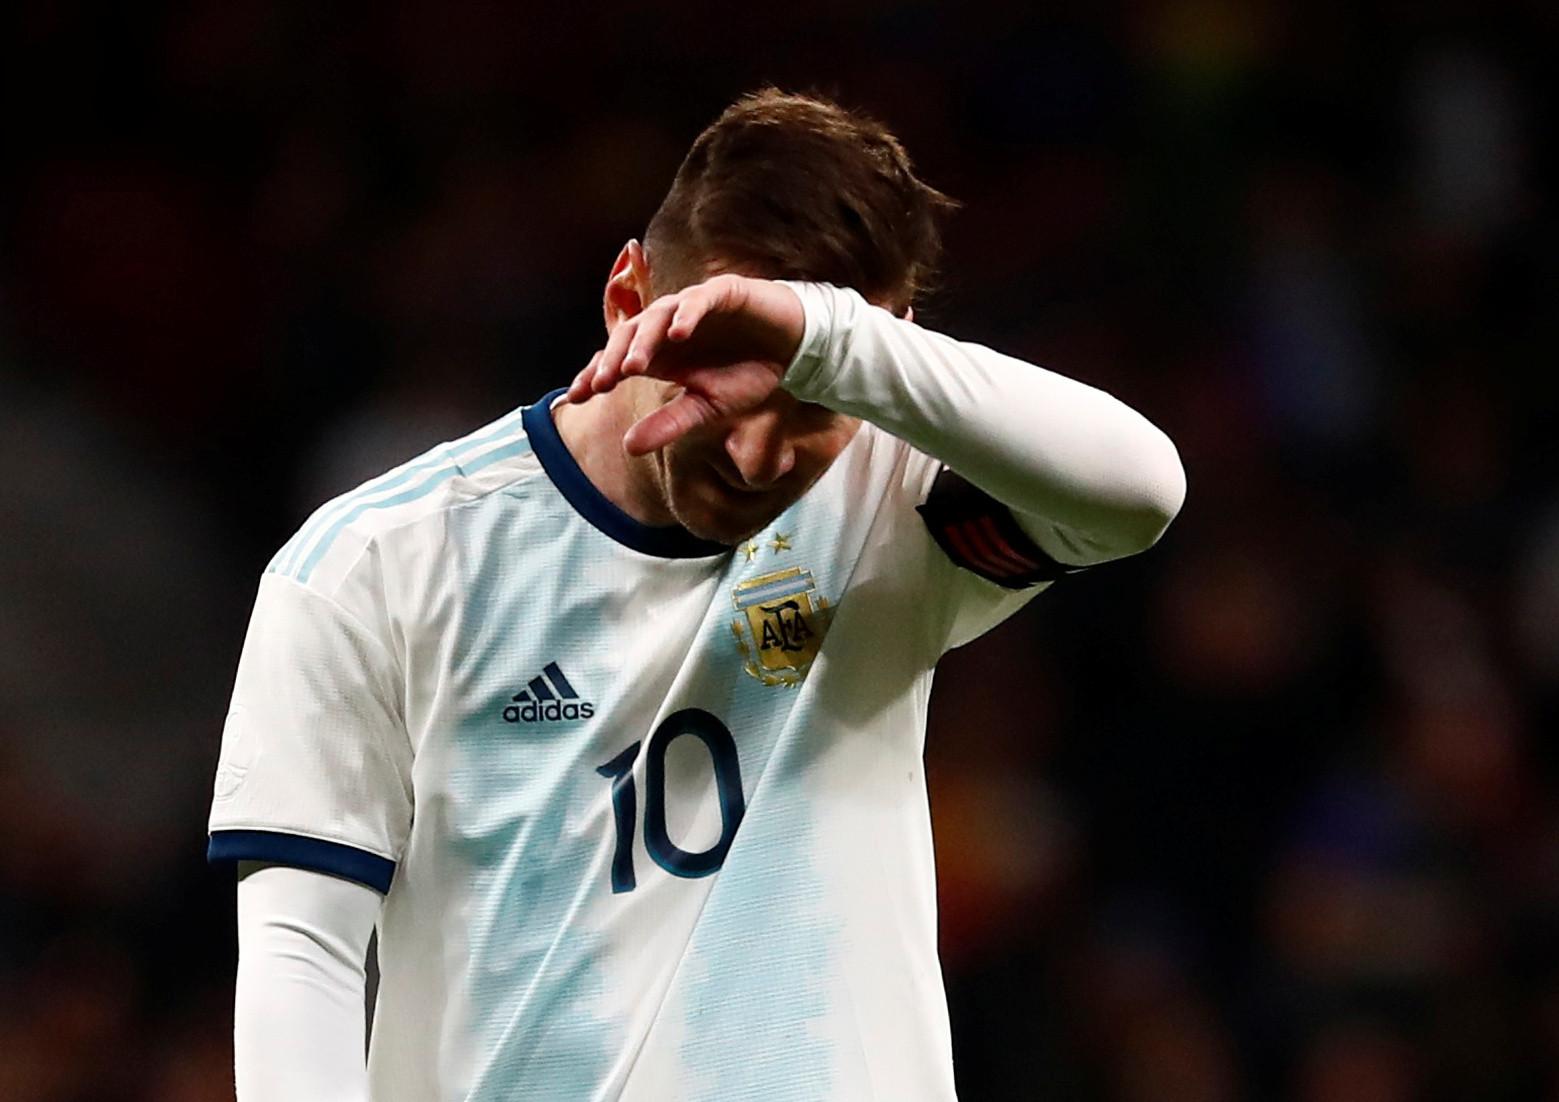 Messi lesiona-se no regresso à seleção e falha jogo em Marrocos